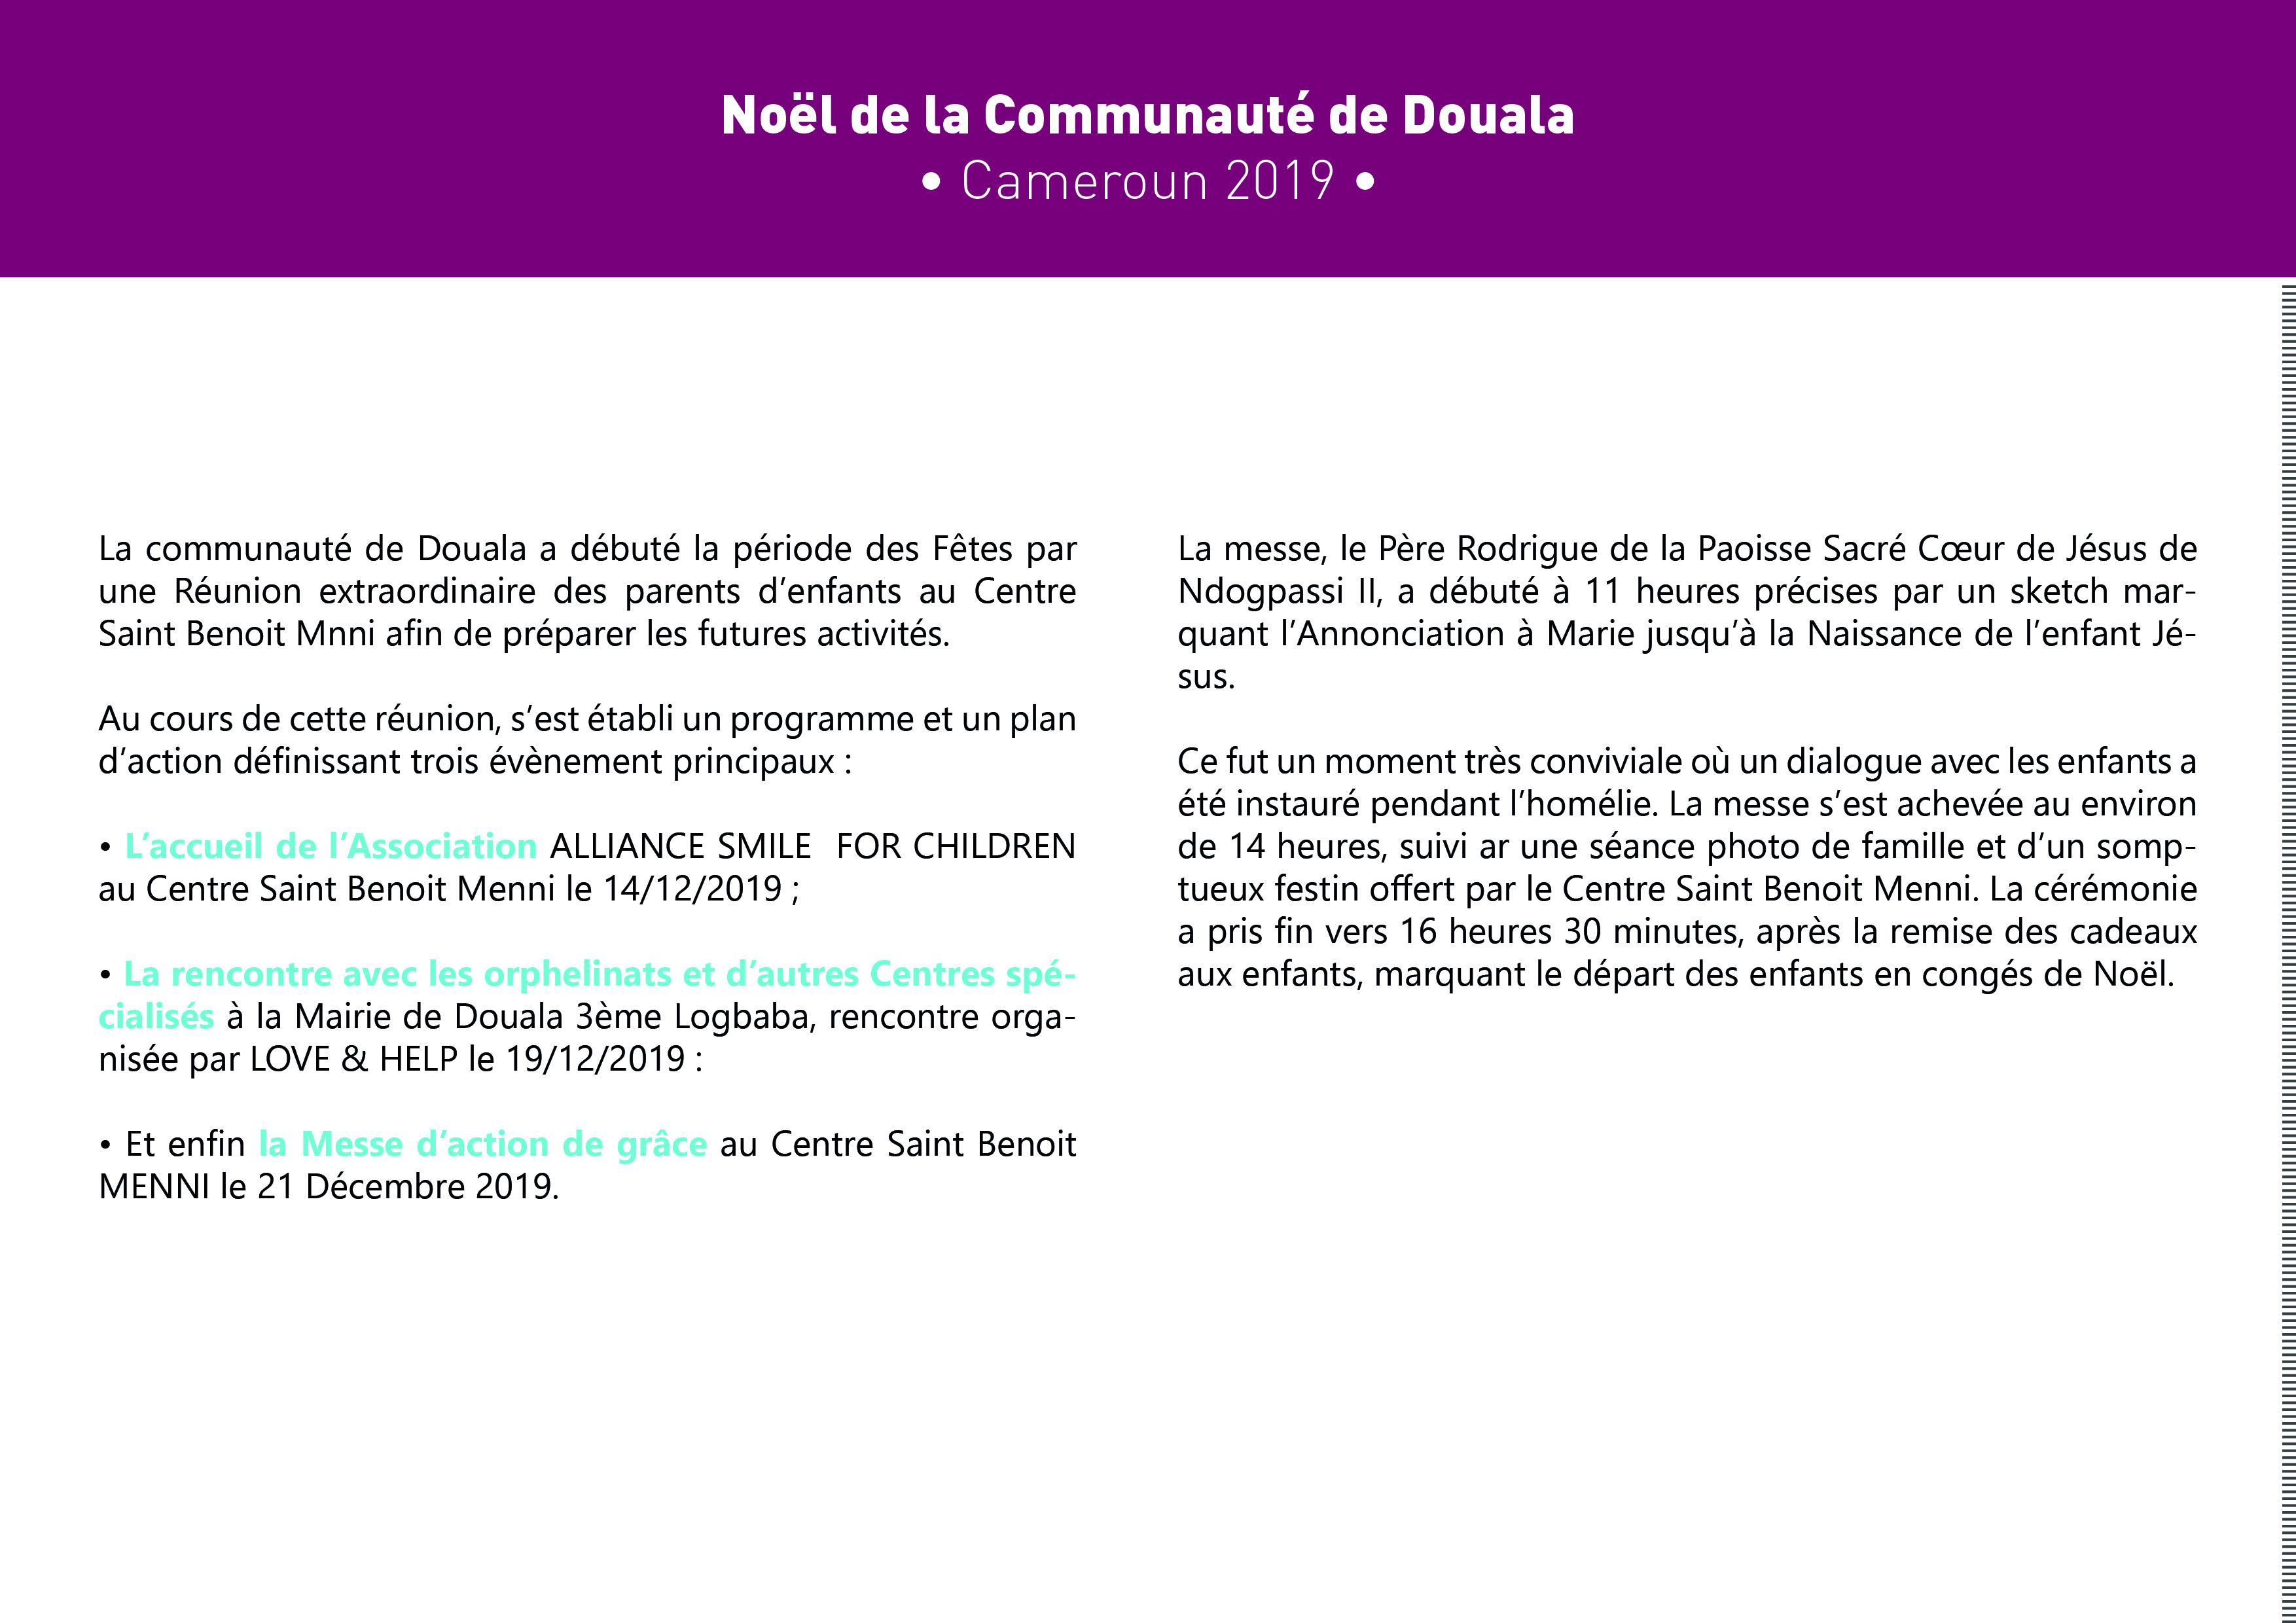 noel-douala-2019_1